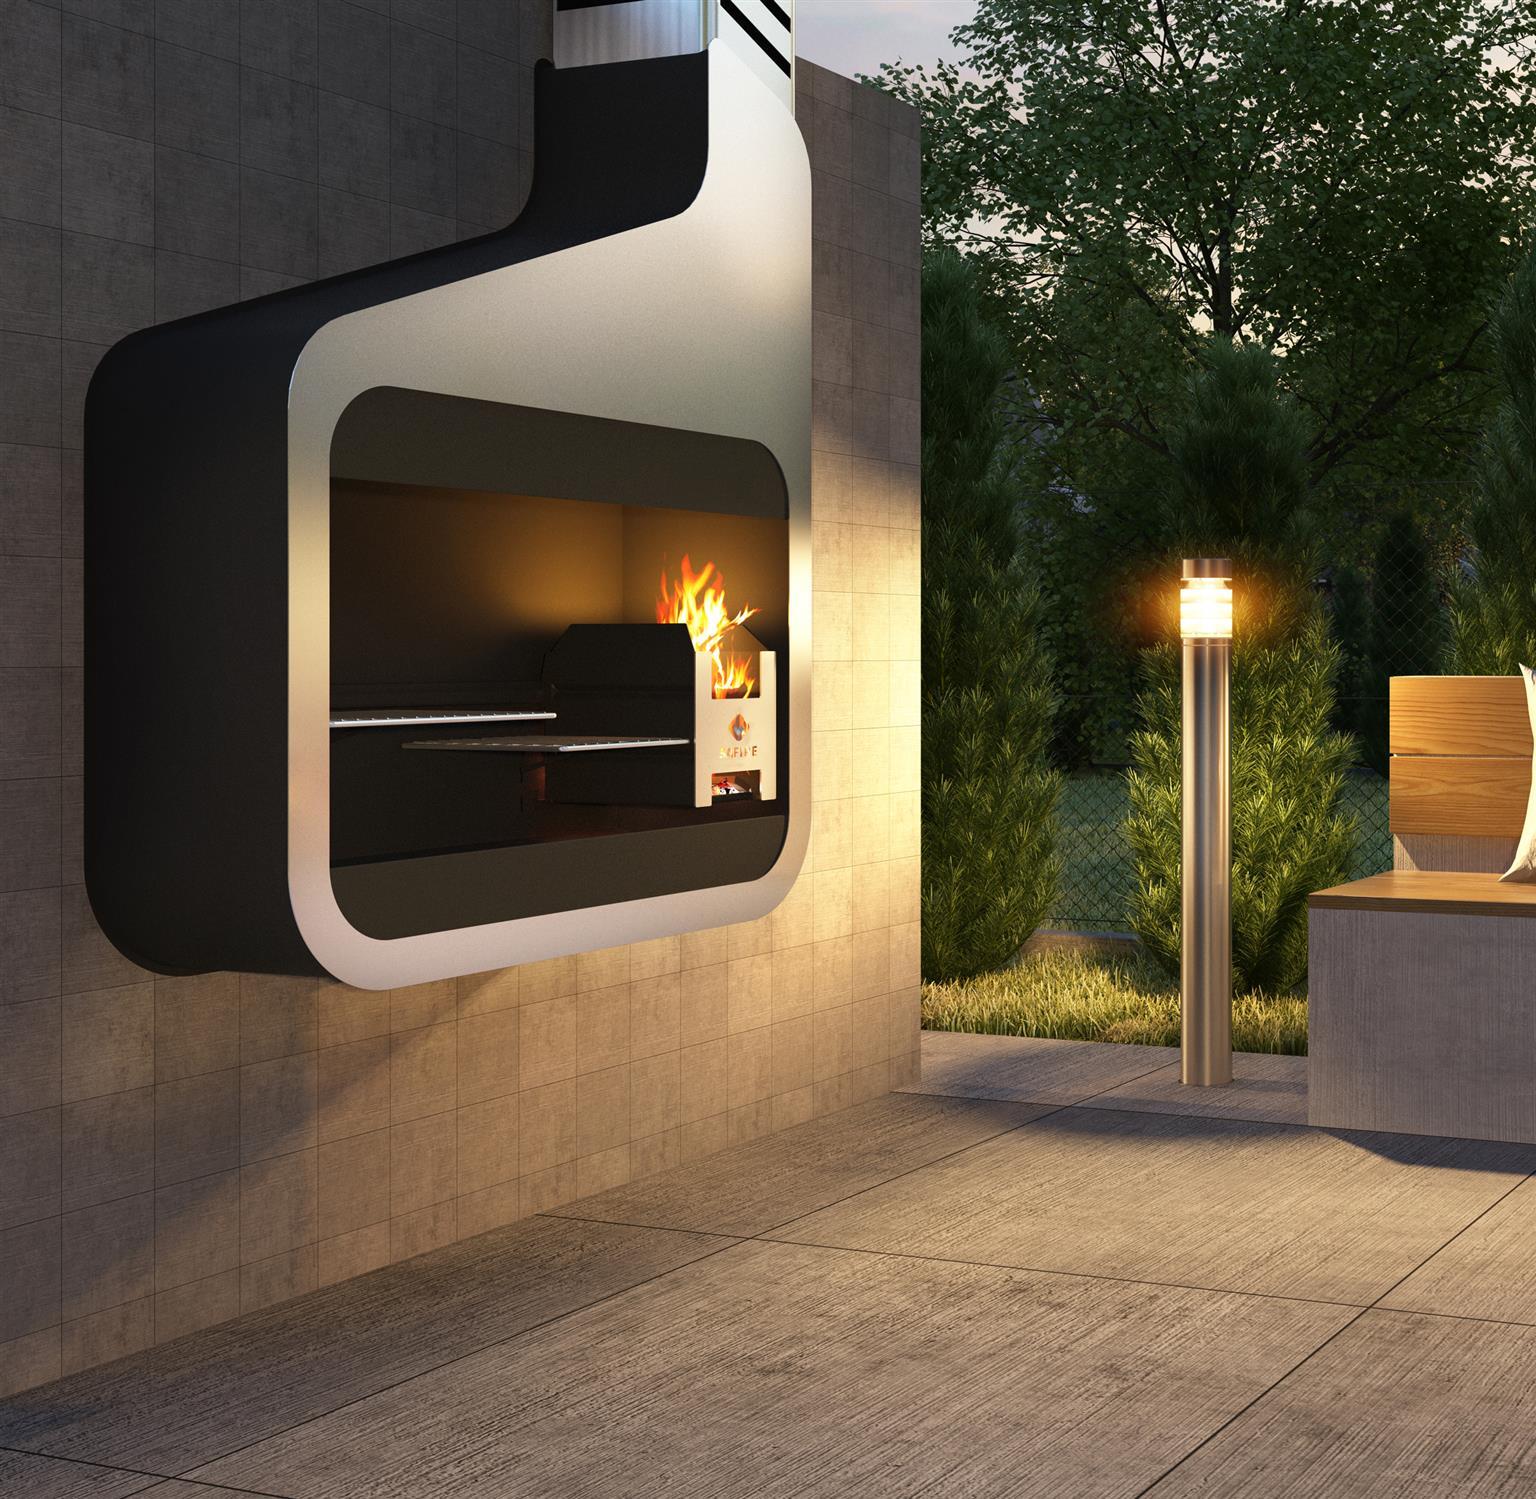 Designer Wall Mount Braai